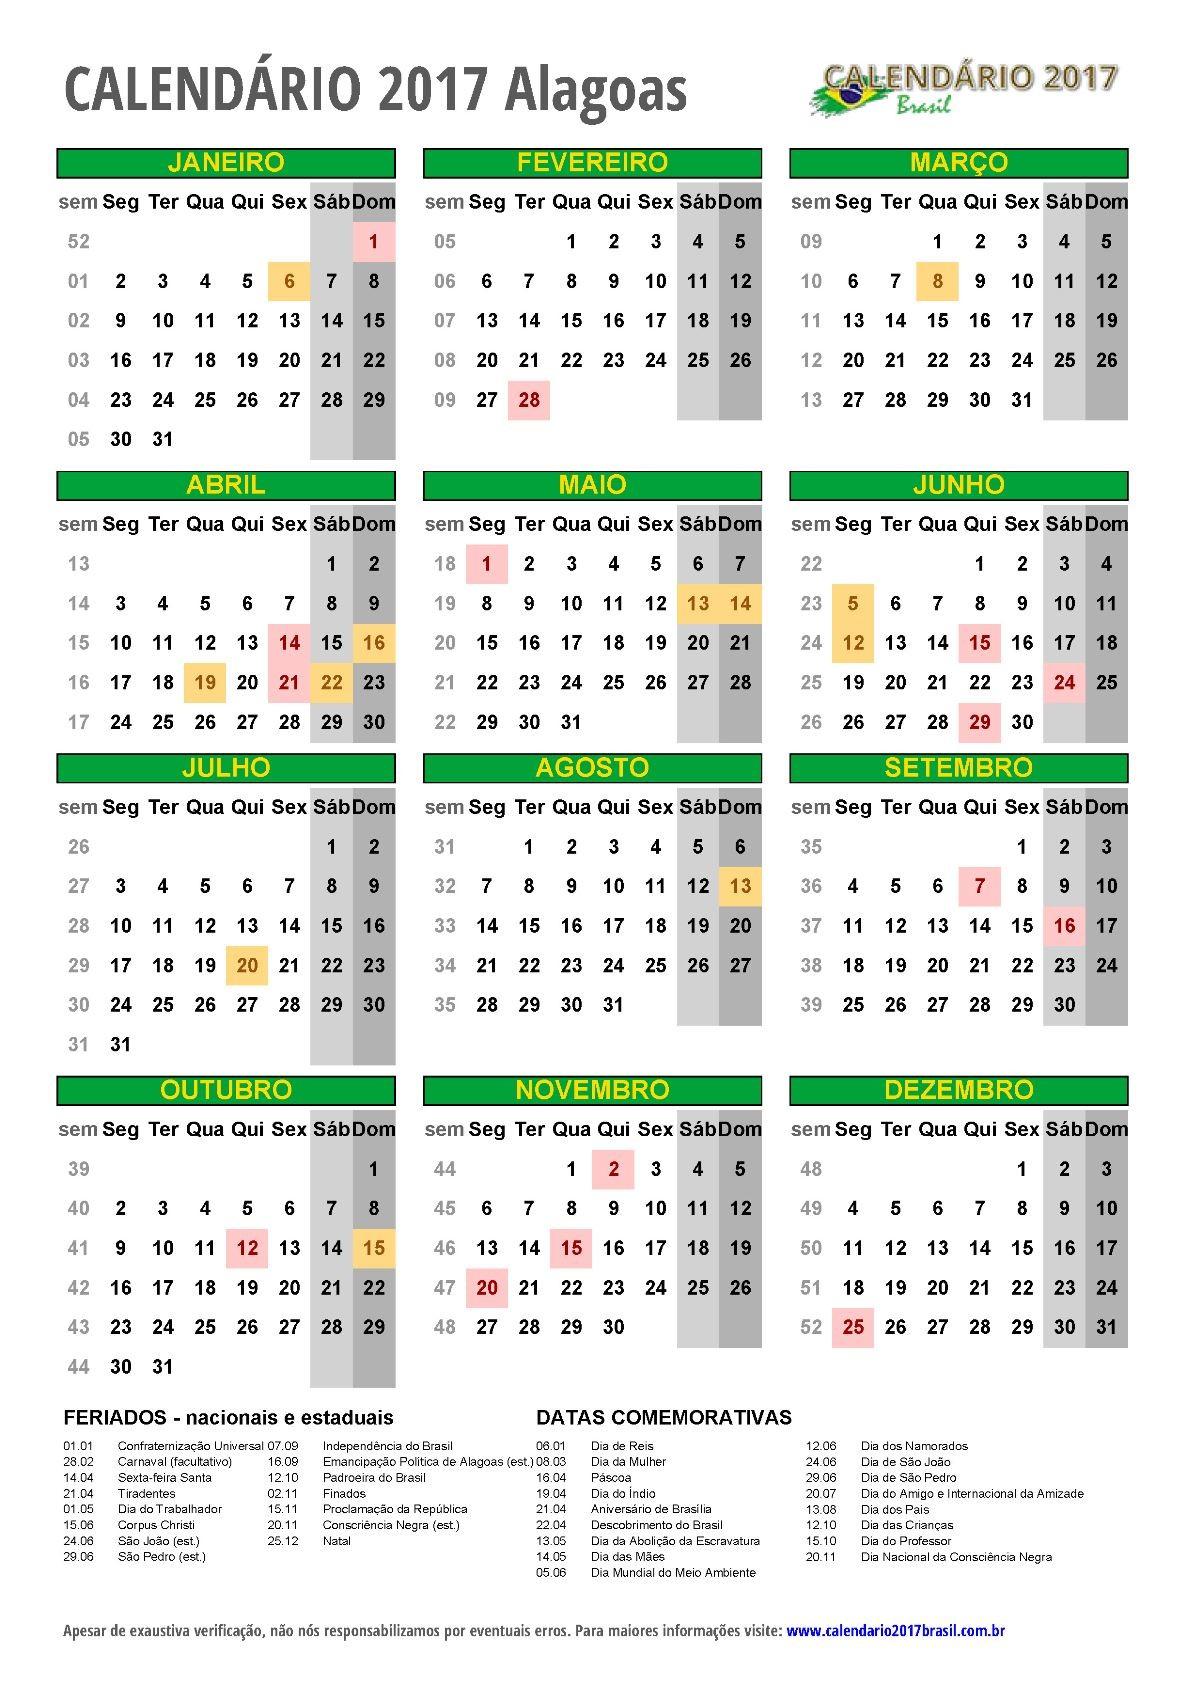 cheap calendario